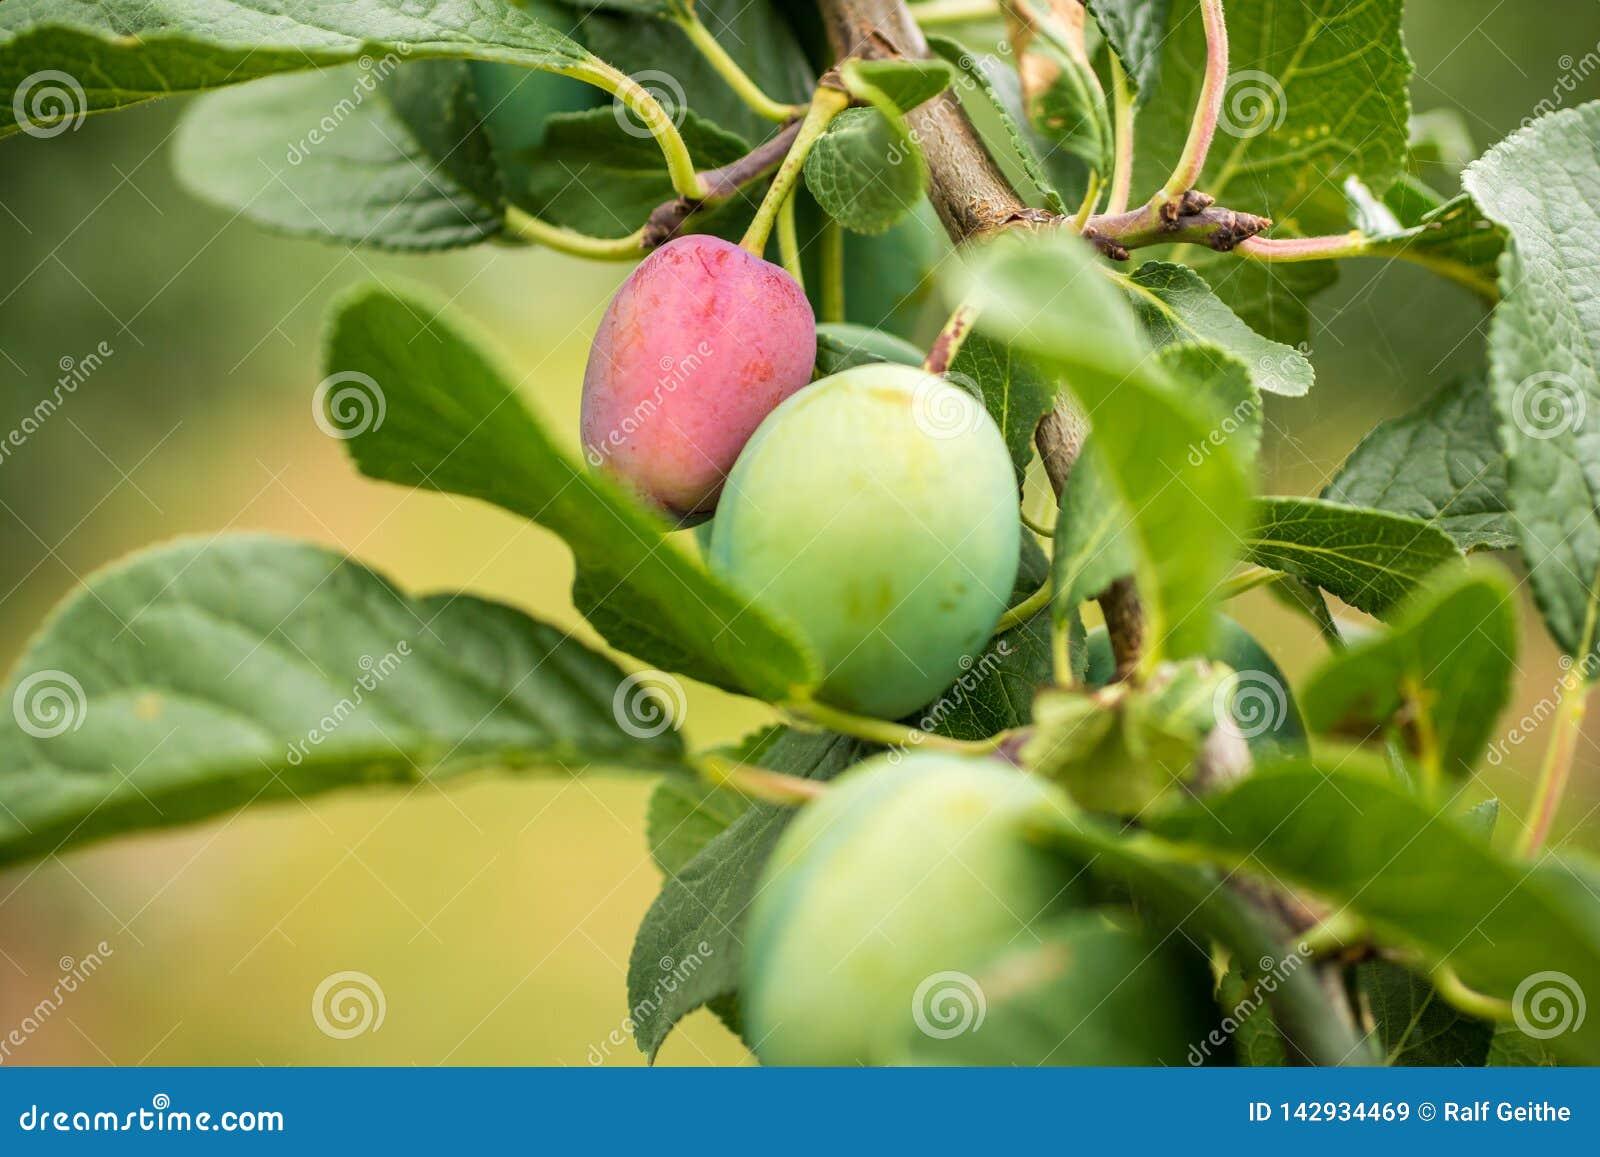 Ameixas em uma árvore de ameixa com fases diferentes da madureza do fruto